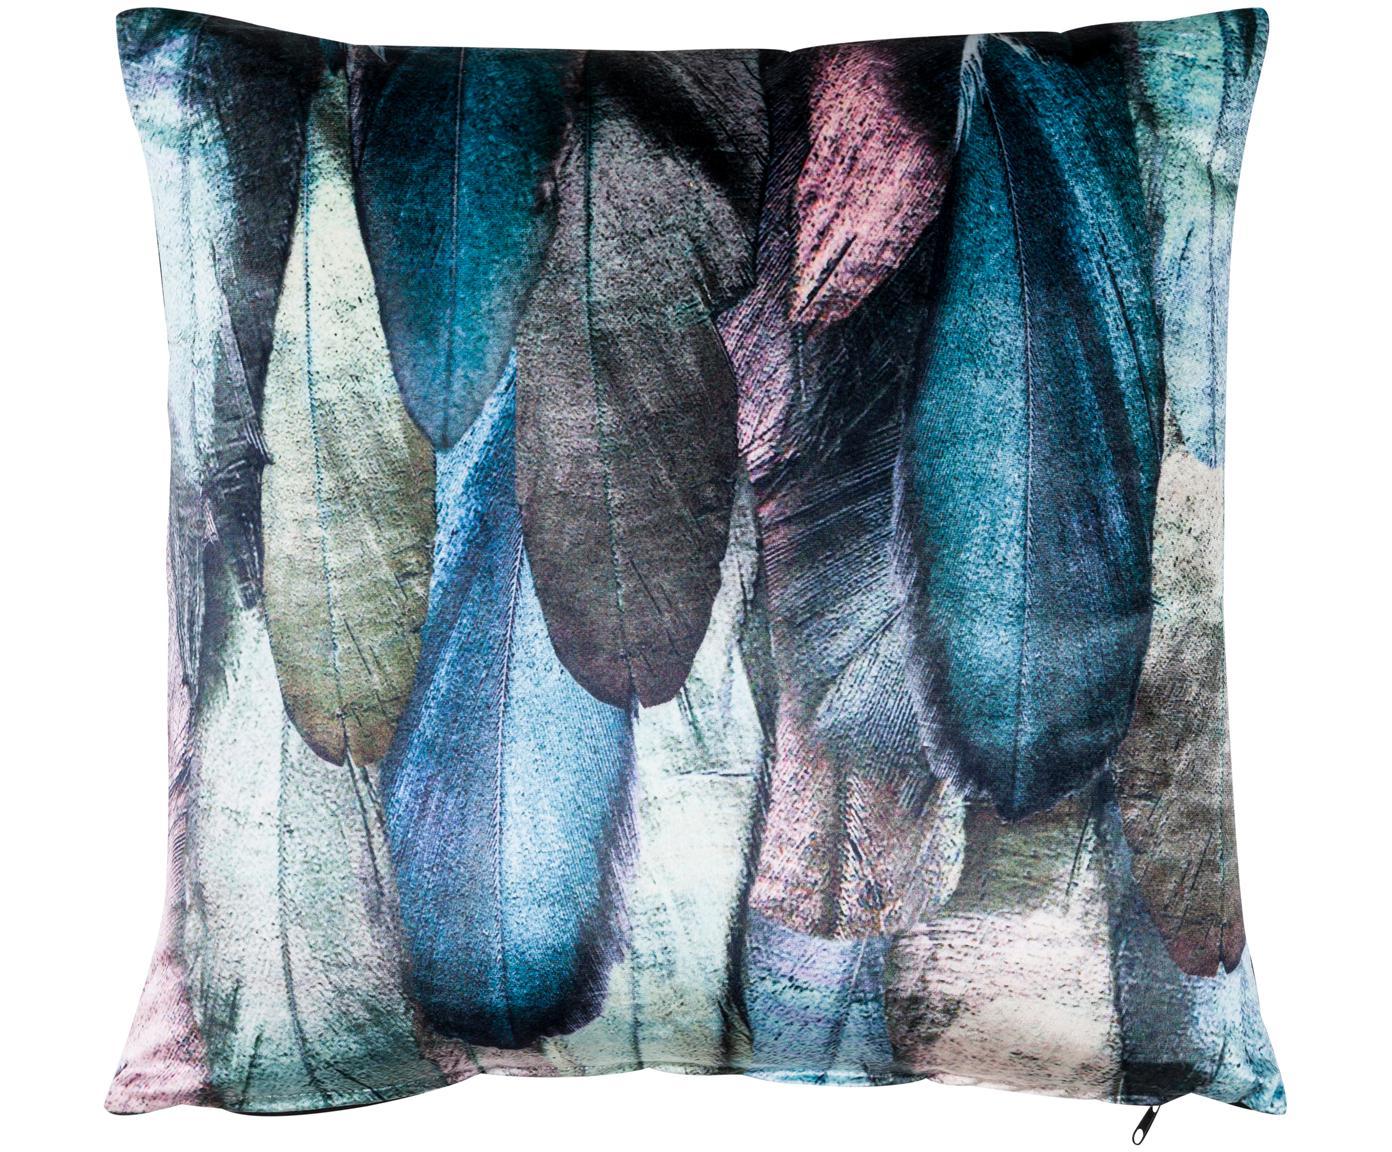 Cuscino in velluto Janeiro con stampa piuma, con imbottitura, Fronte: multicolore Retro: nero, Larg. 50 x Lung. 50 cm